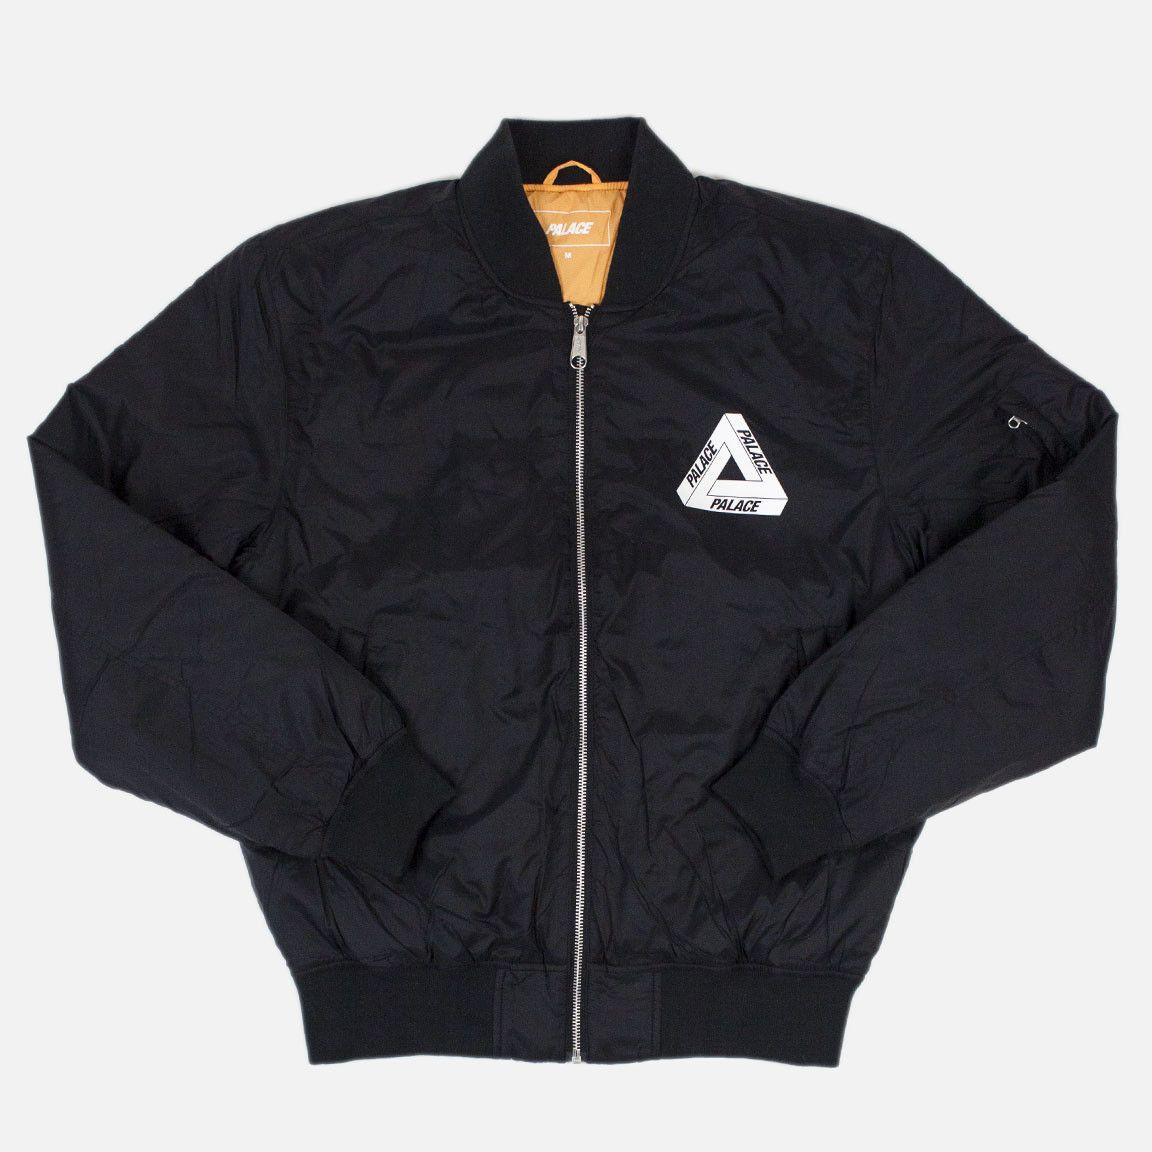 05523cacd Palace Thinsulate Bomber Jacket - Anthracite | Clothing | Bomber ...